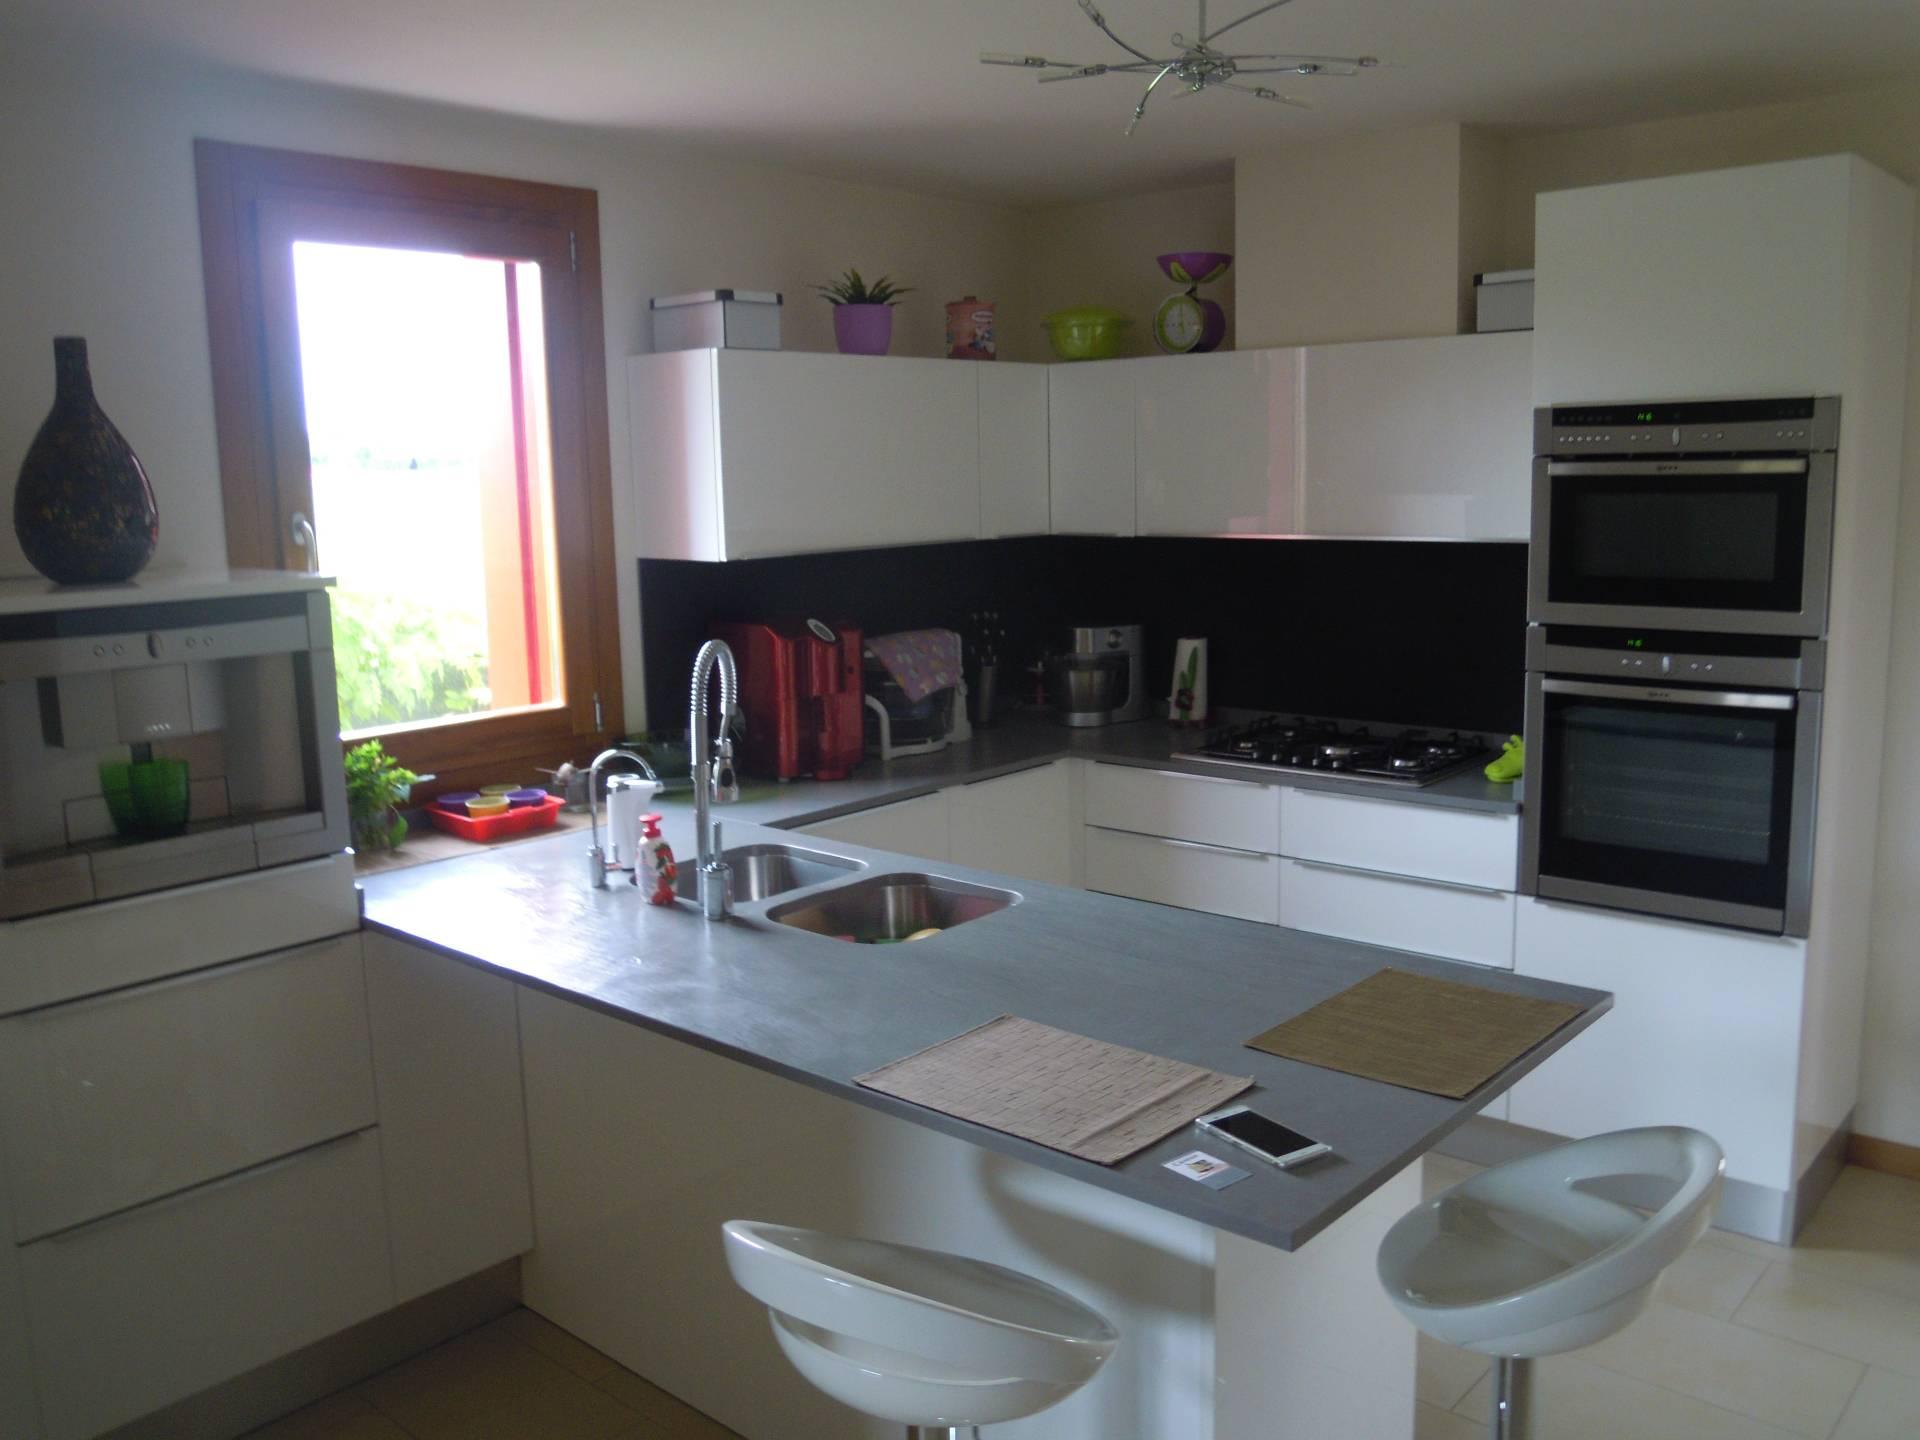 Villa in vendita a Montebelluna, 5 locali, zona Zona: Caonada, prezzo € 438.000 | Cambio Casa.it